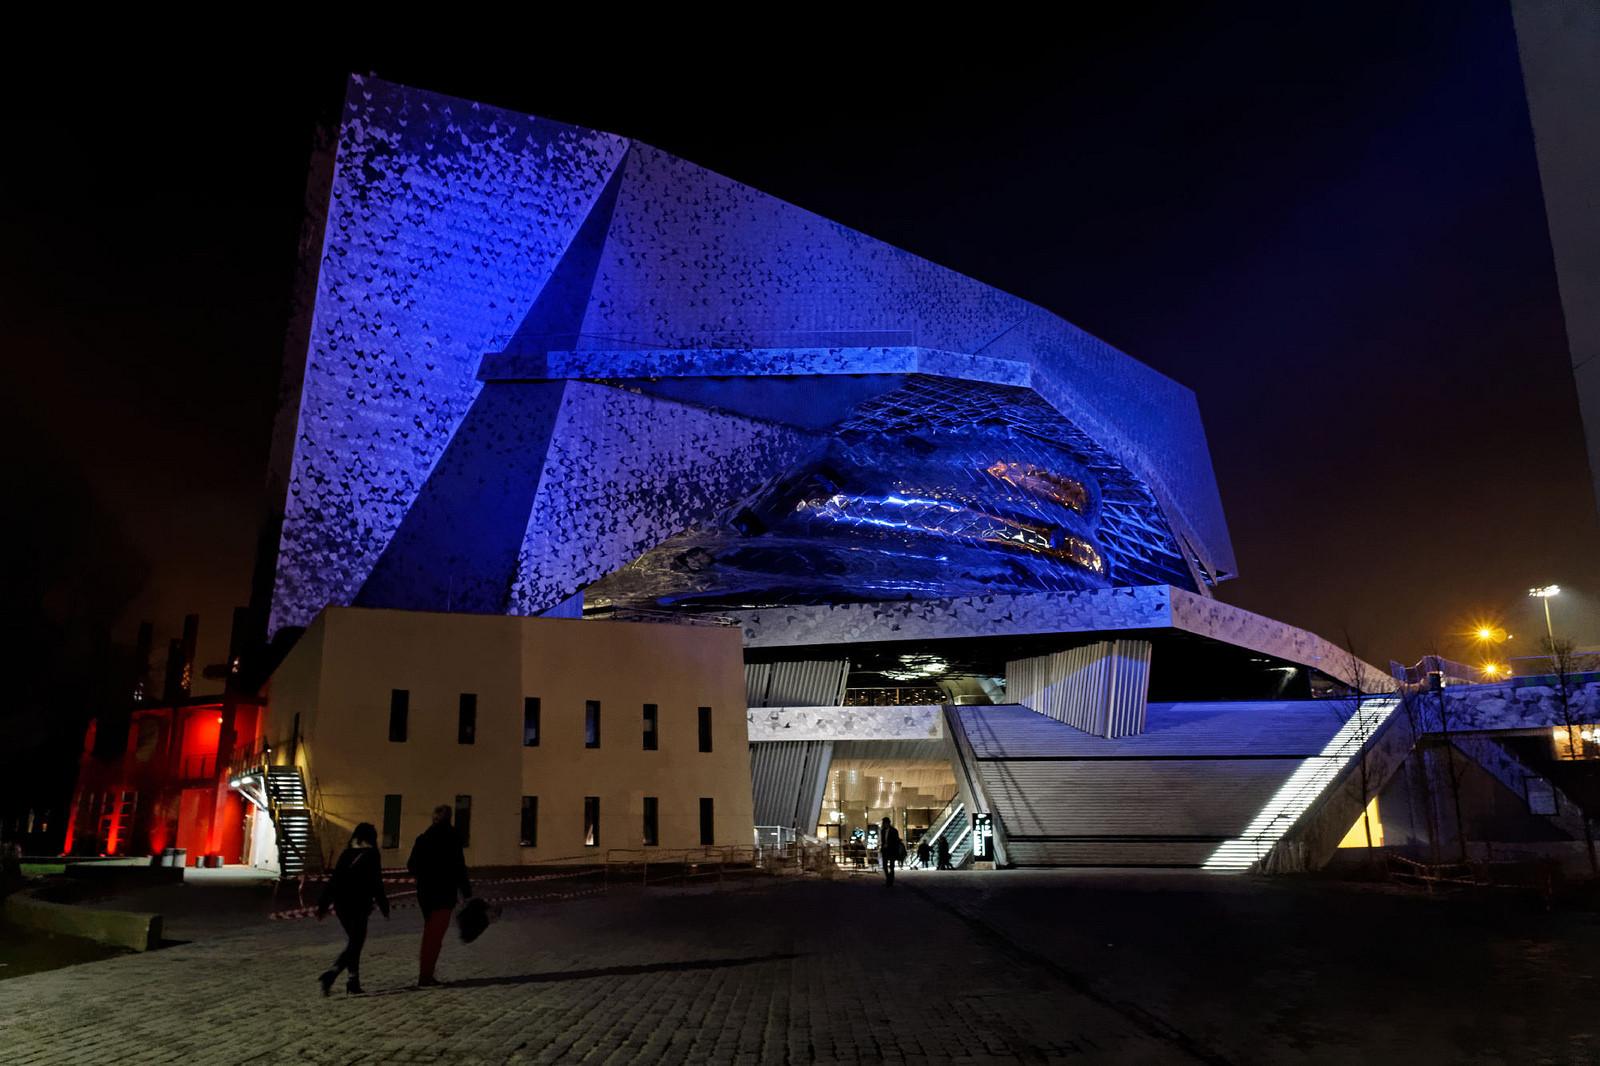 Jean Nouvel pierde juicio contra la Filarmónica de París, © Flickr CC user Marko Erman